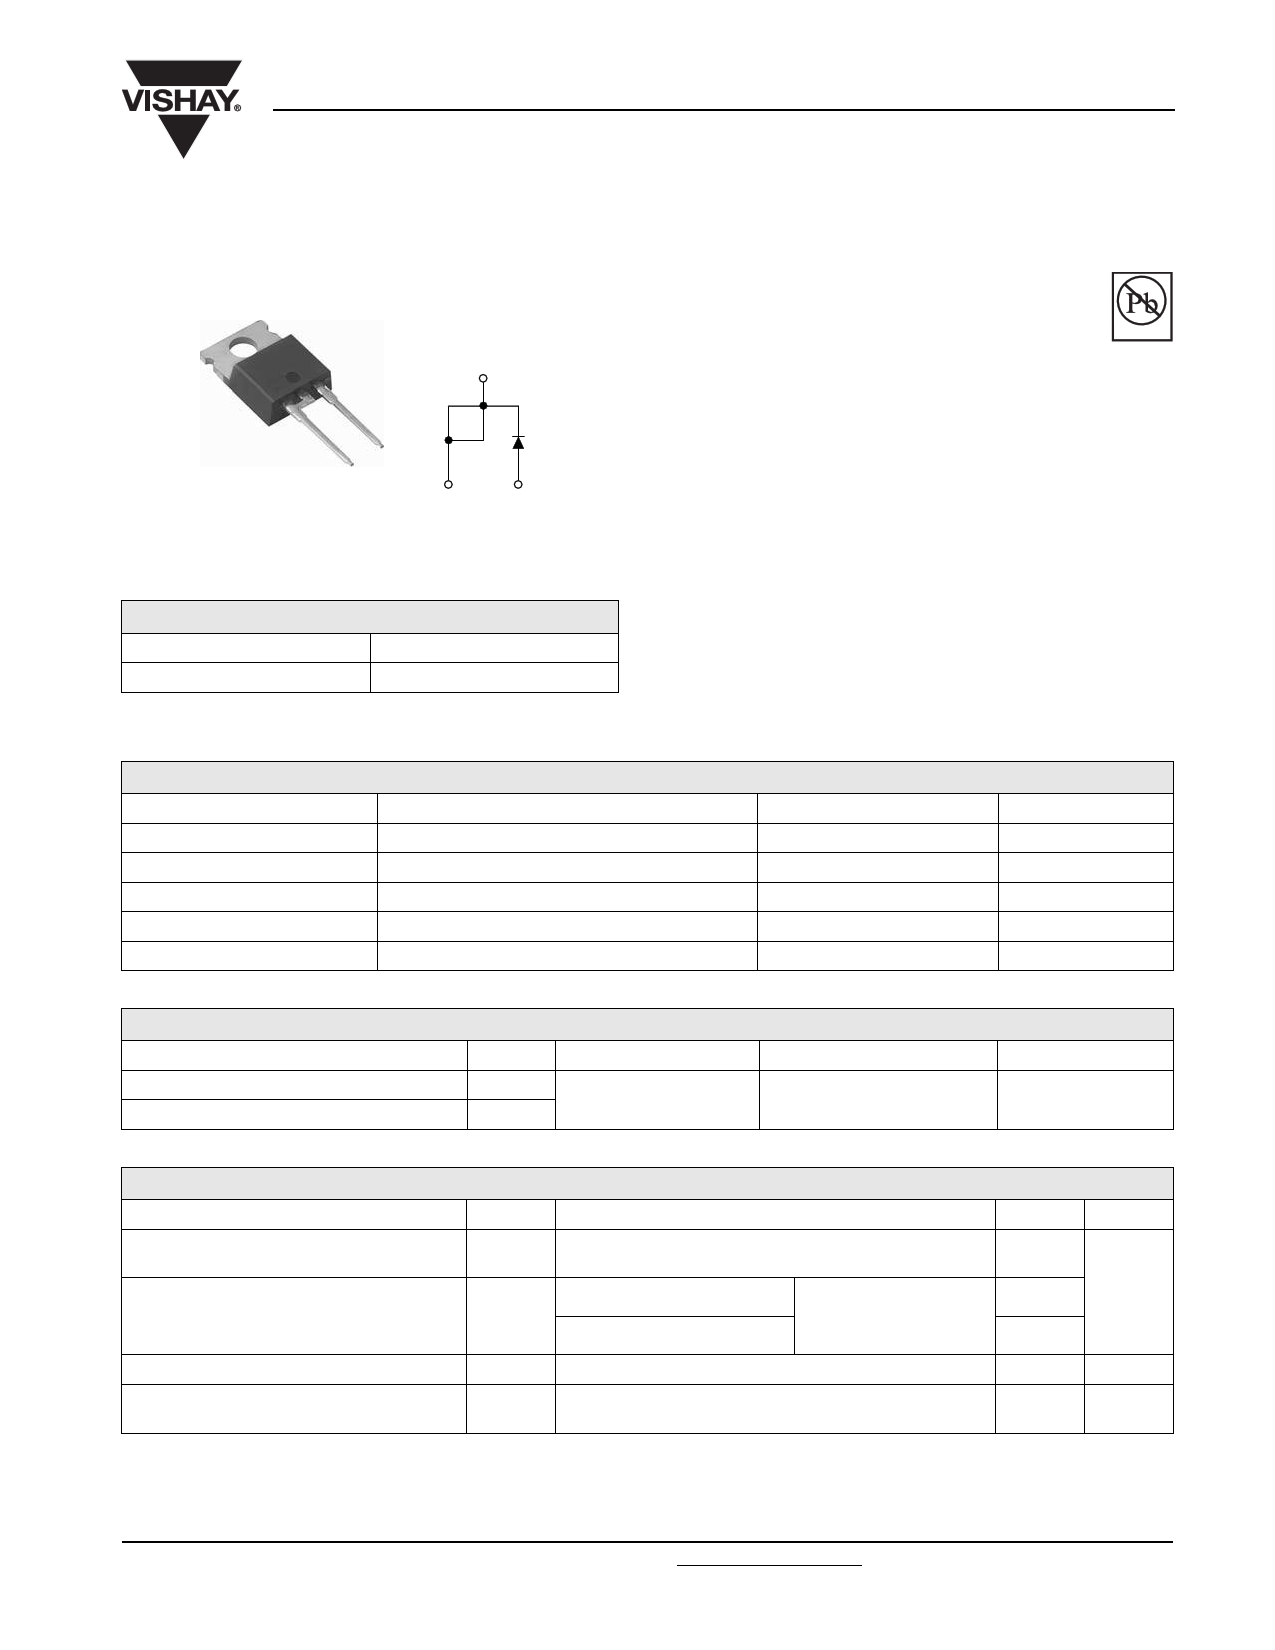 10TQ045PbF Datasheet, 10TQ045PbF PDF,ピン配置, 機能